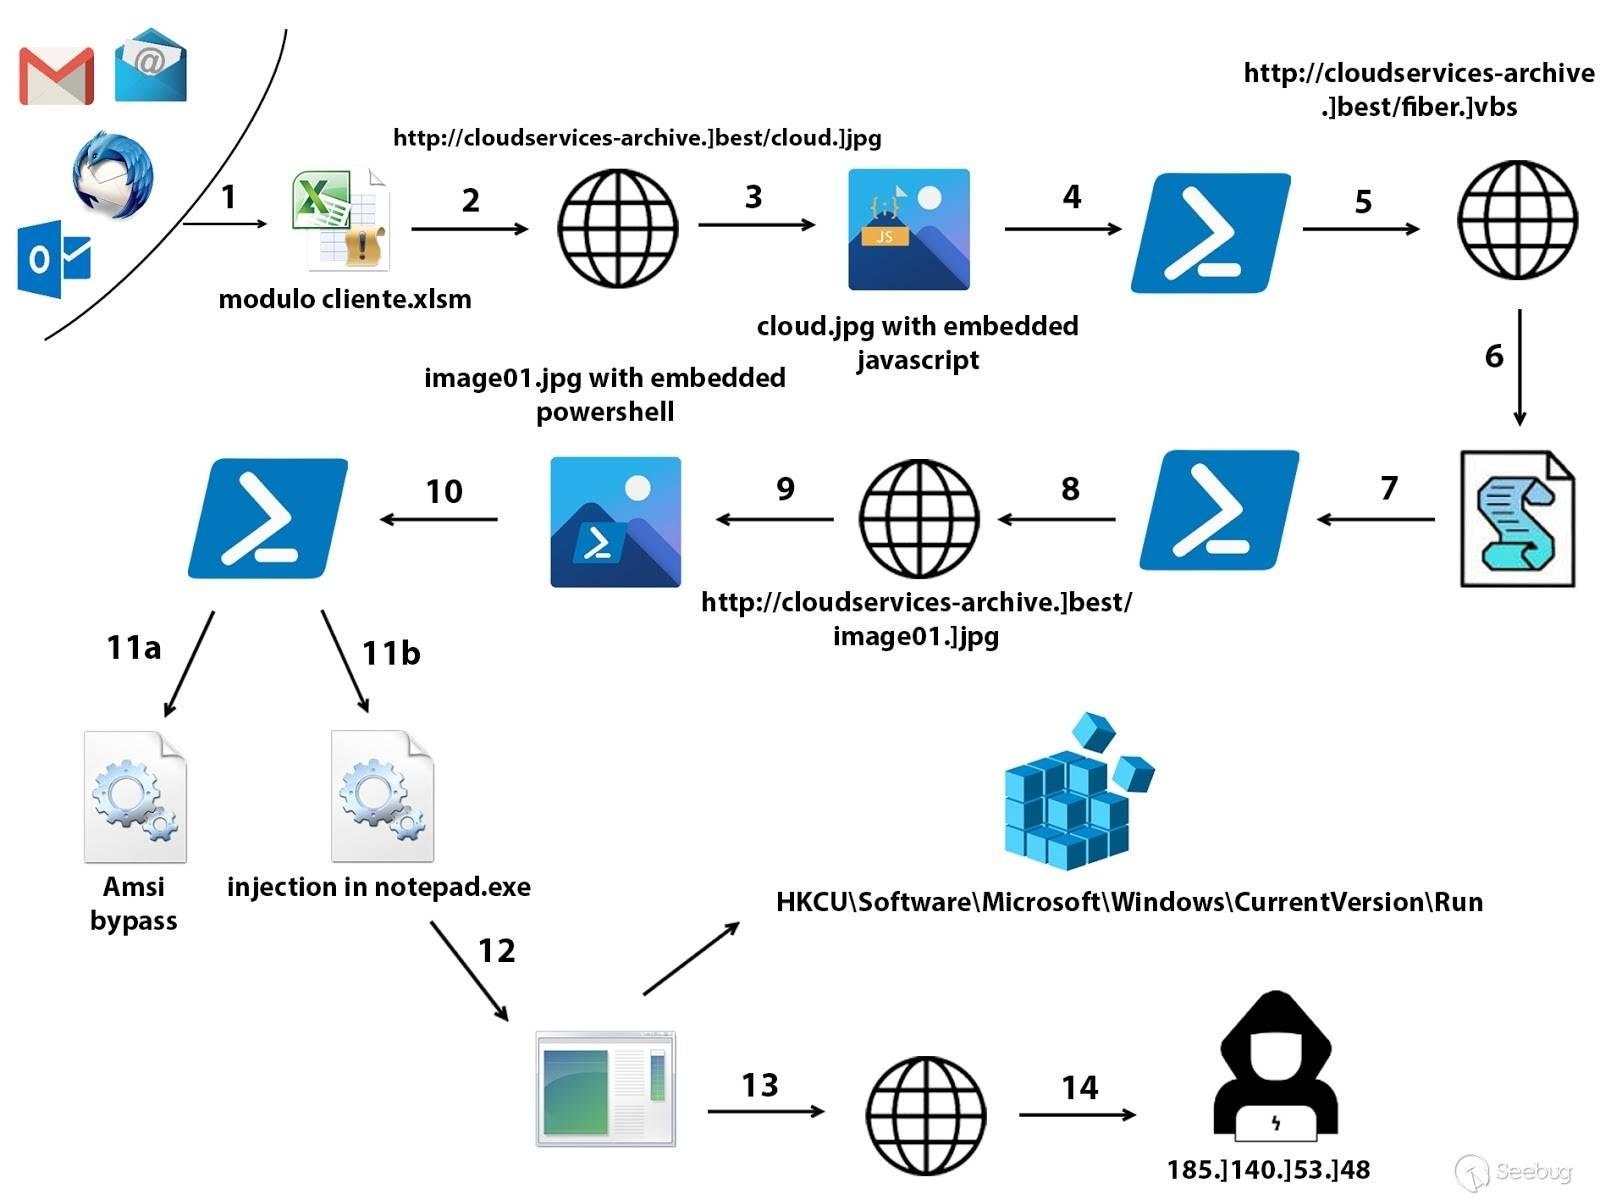 通过 Netwire 攻击链对意大利进行网络攻击